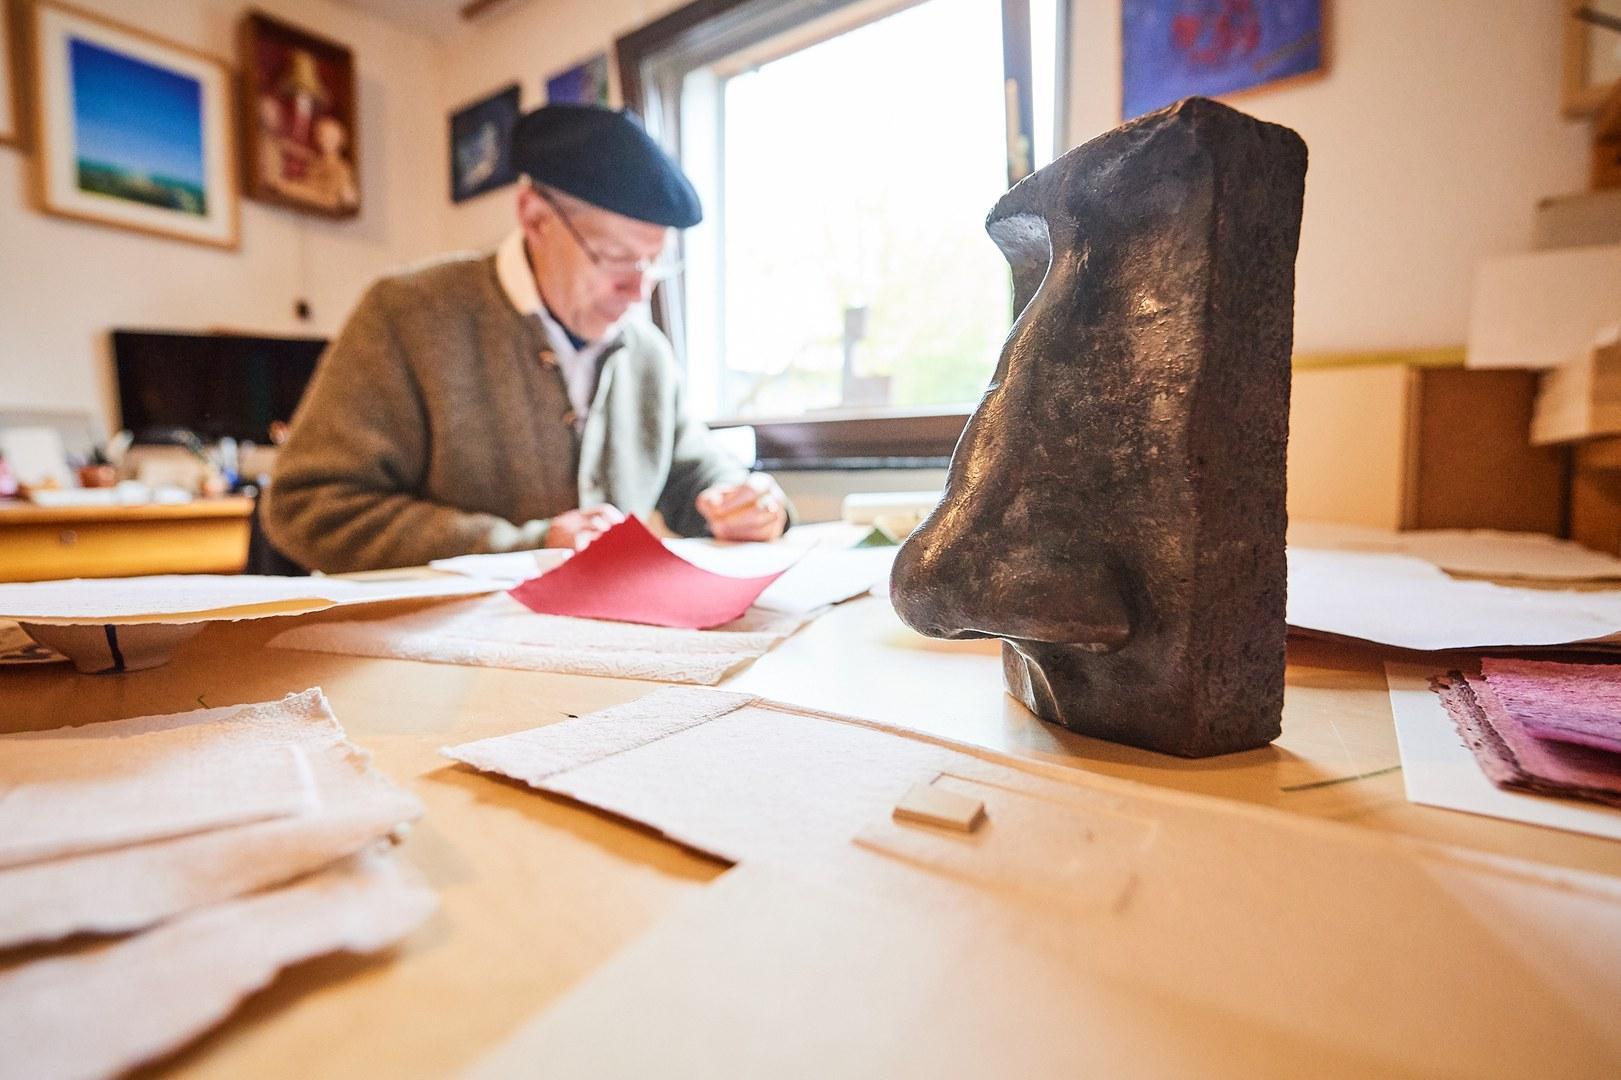 Papiere und Gefäße: Neue Ausstellung in der Bonner Altamerika-Sammlung